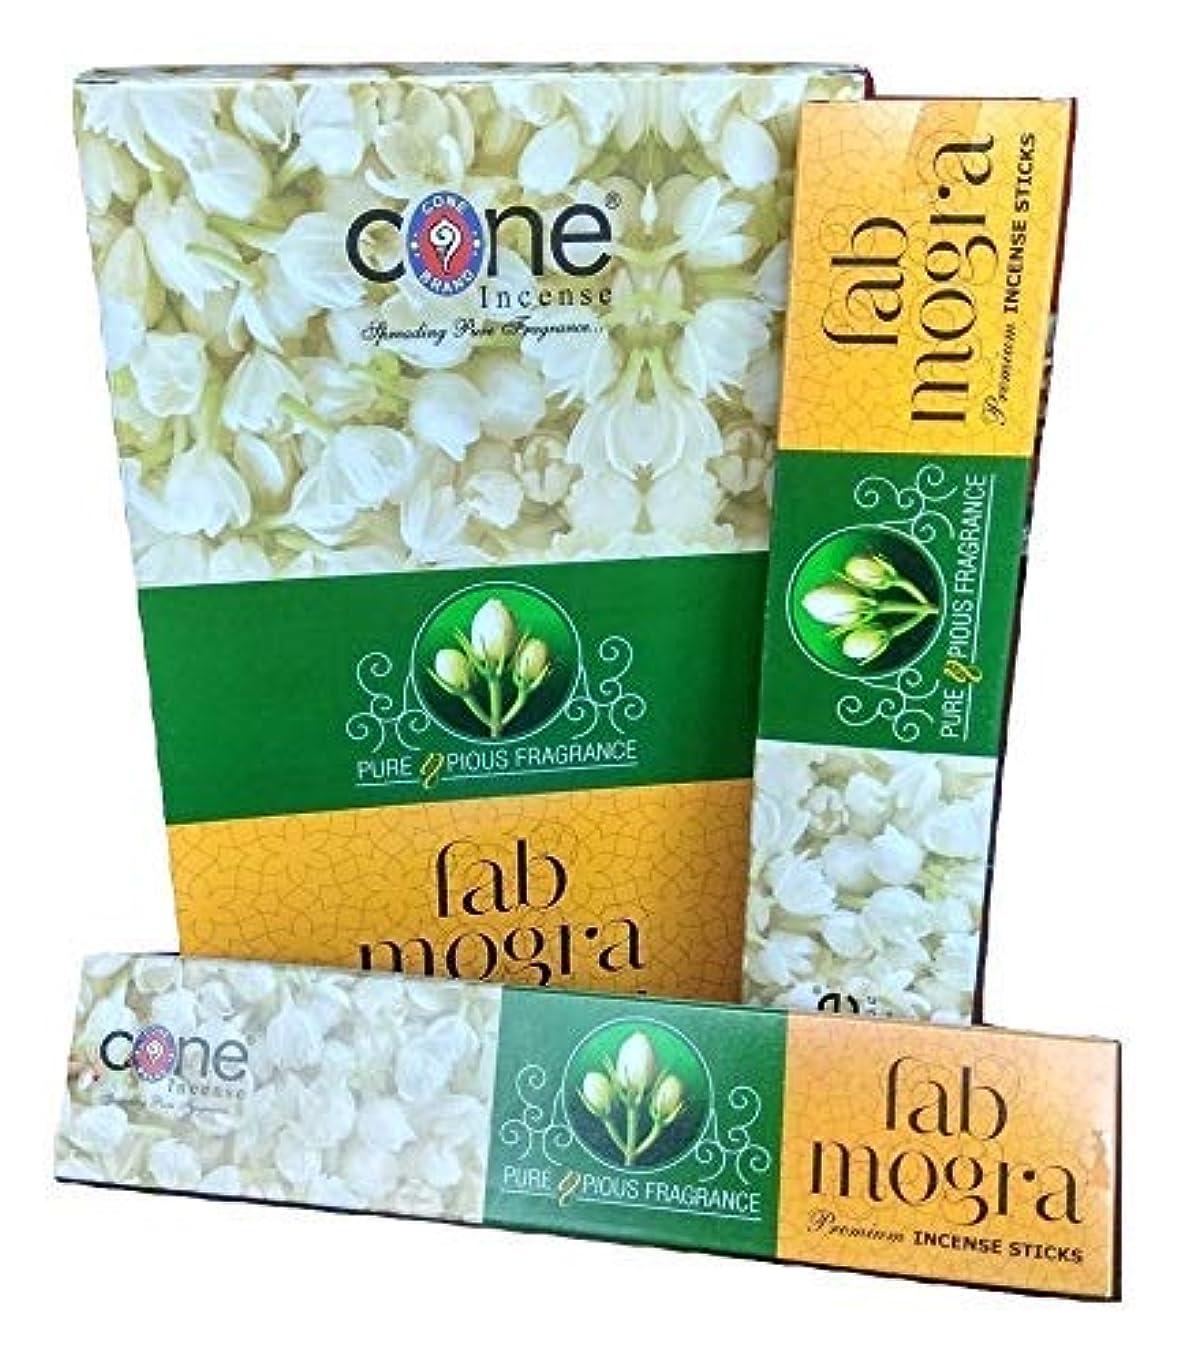 信じる世界寄付Cone's Fab Mogra Incense Sticks Pack of 12 (144 Sticks)